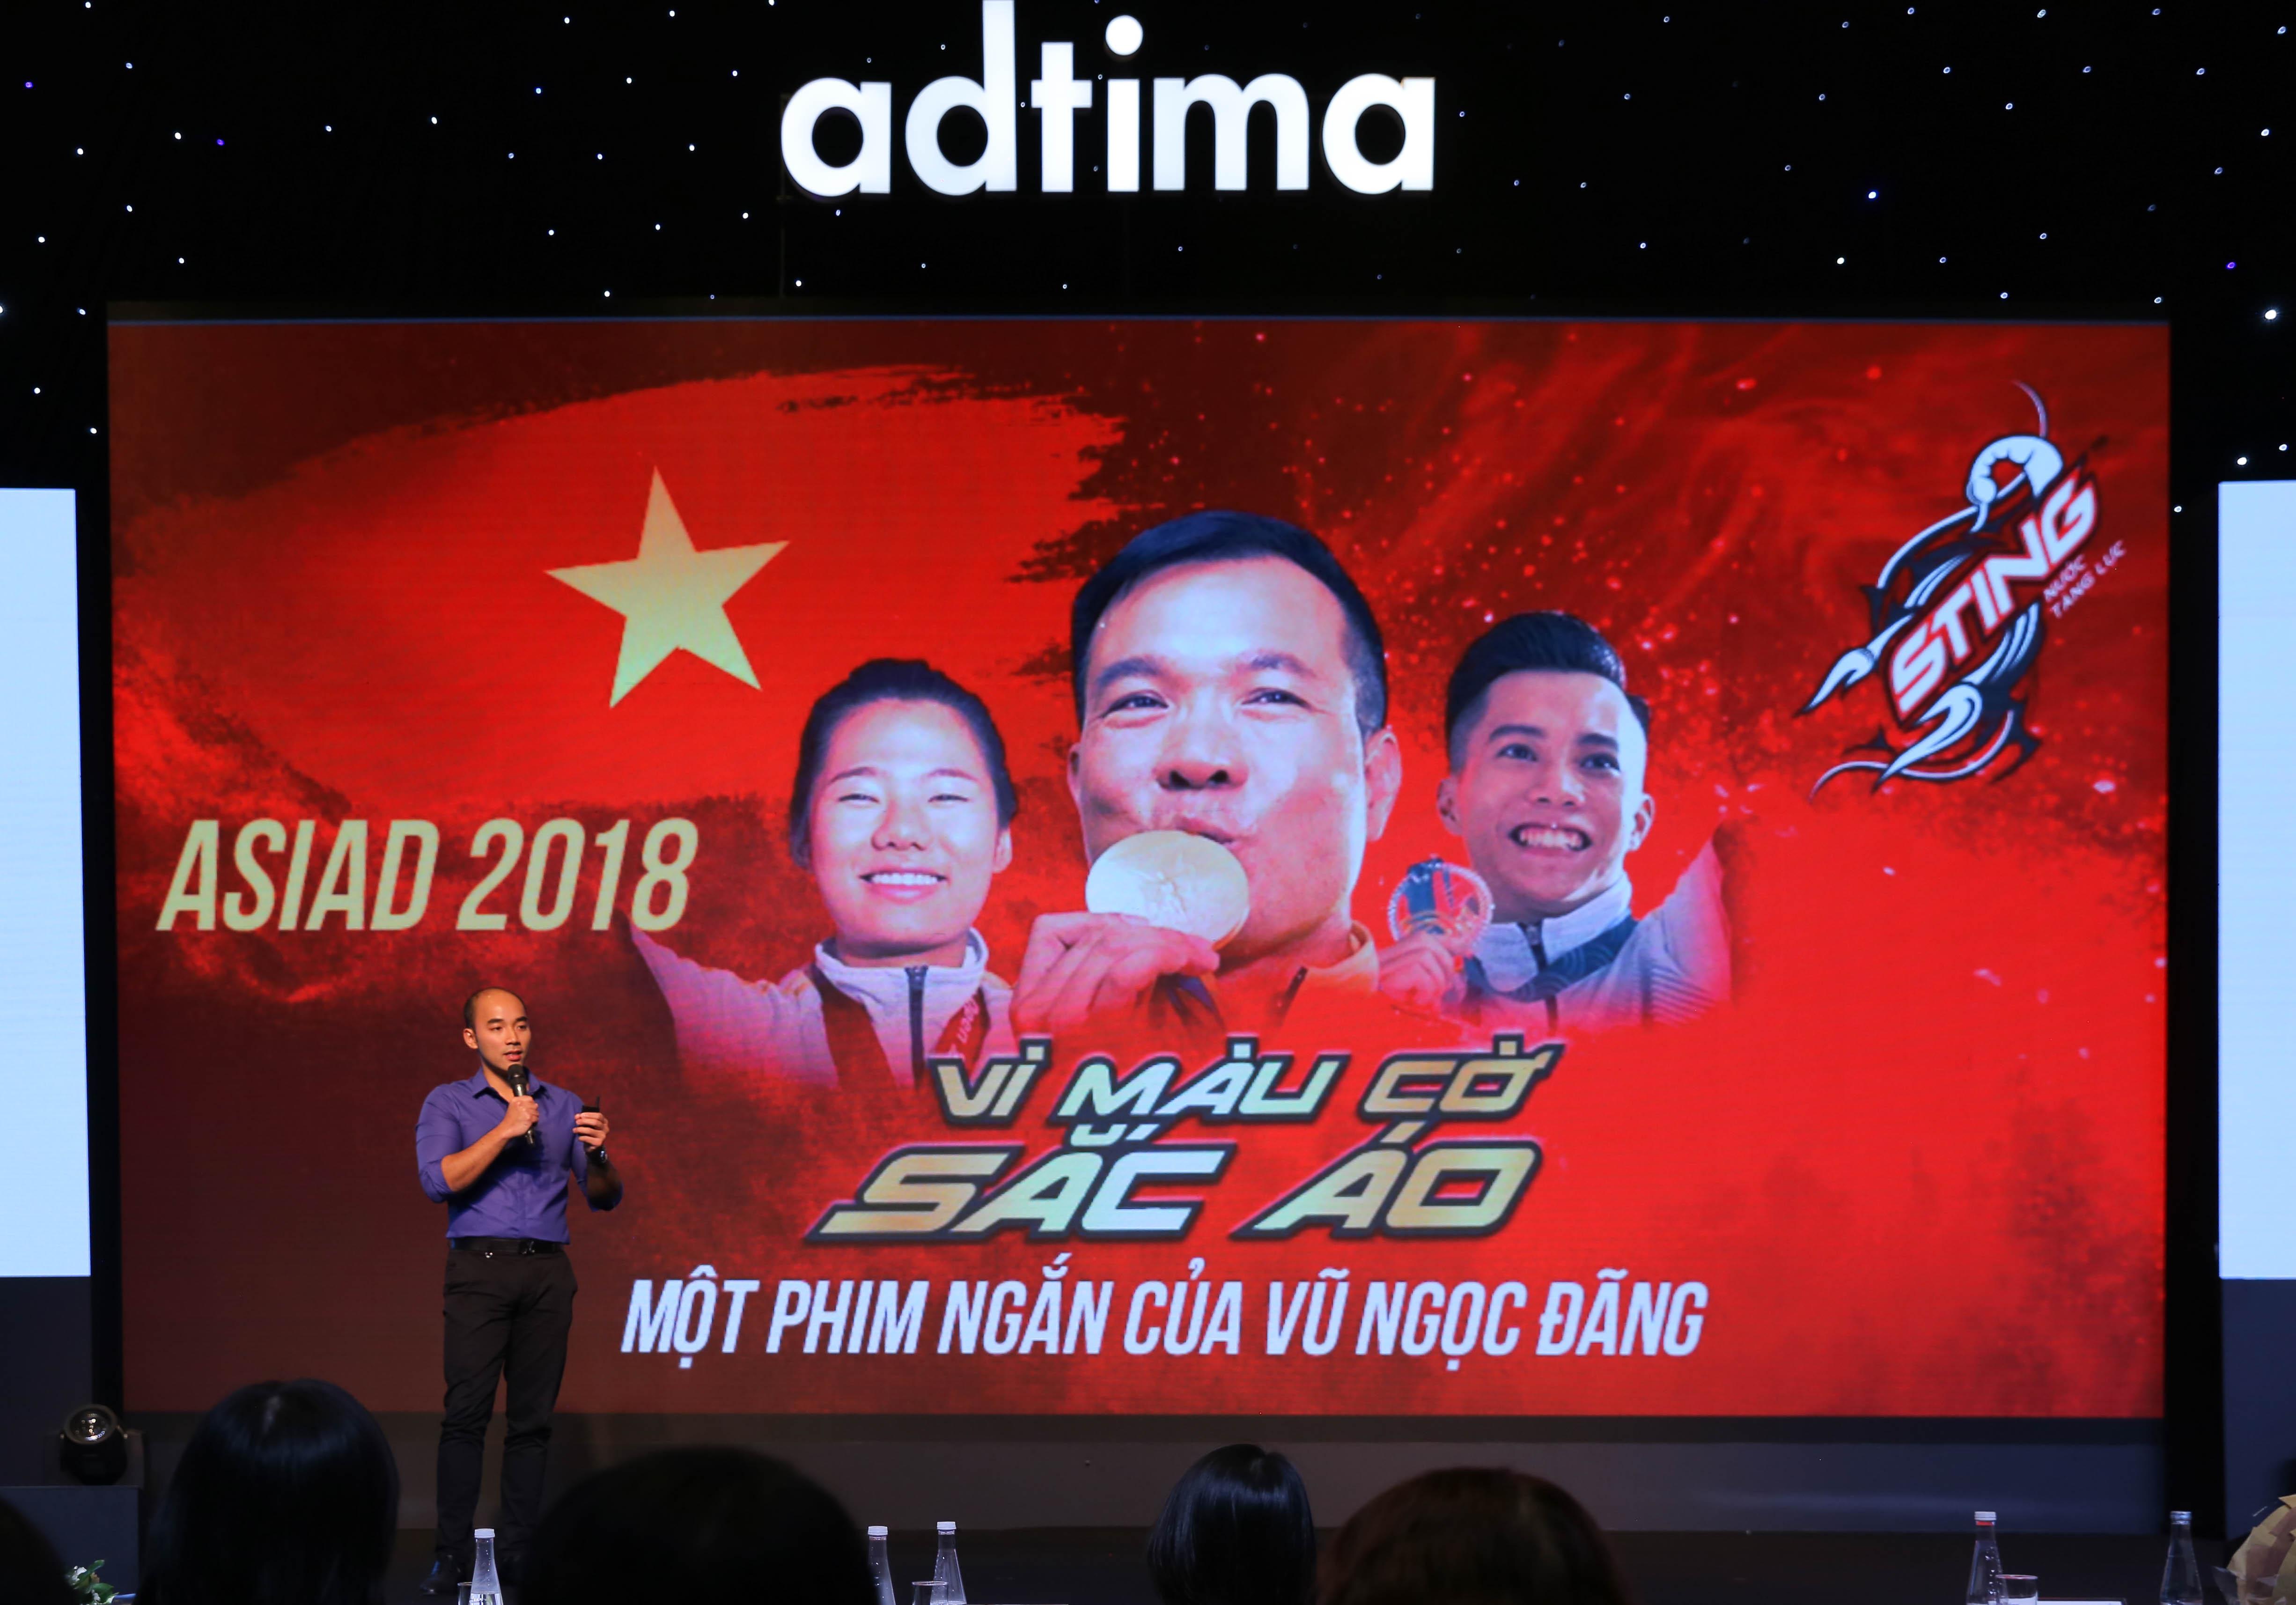 Anh Minh Nguyễn chia sẻ về hợp tác thành công của Sting và Zing.vn trong sự kiện Asiad 2018